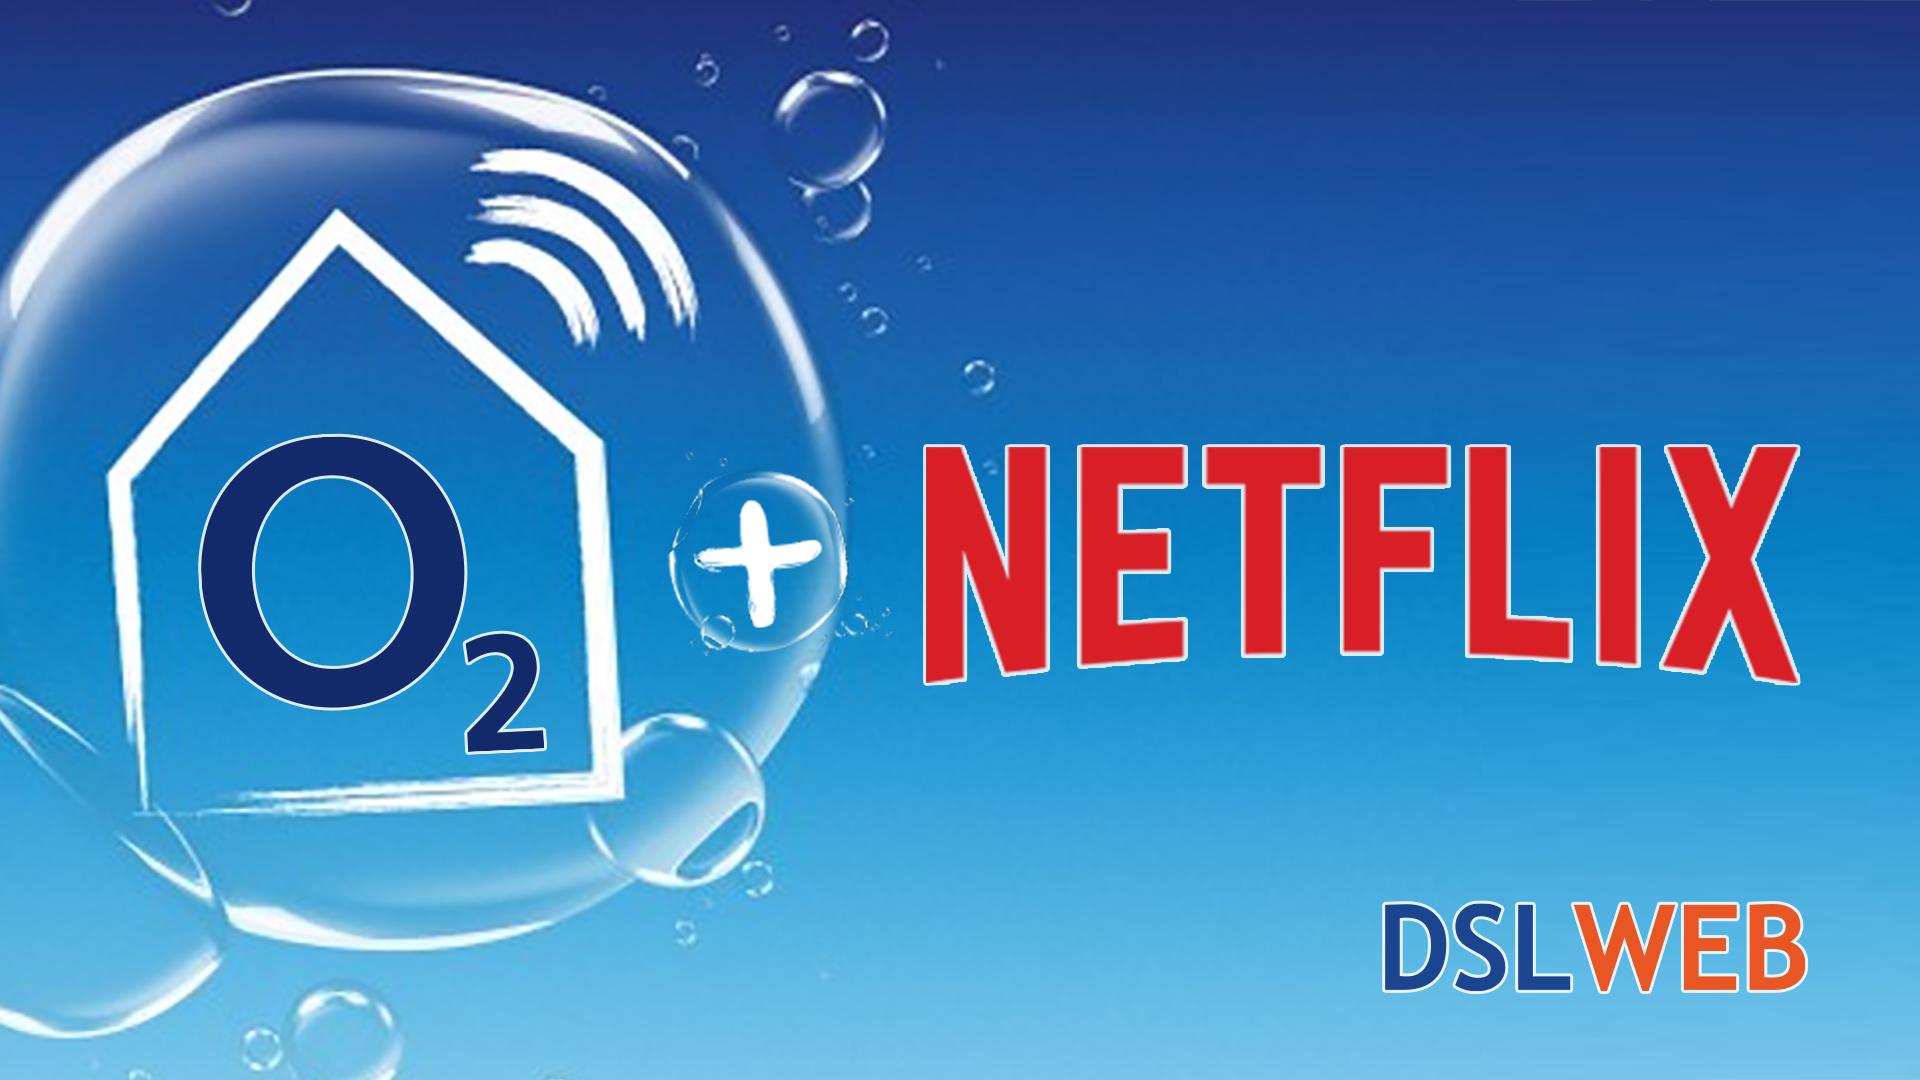 o20 Internet über DSLWEB 200 Monaten Netflix kostenlos